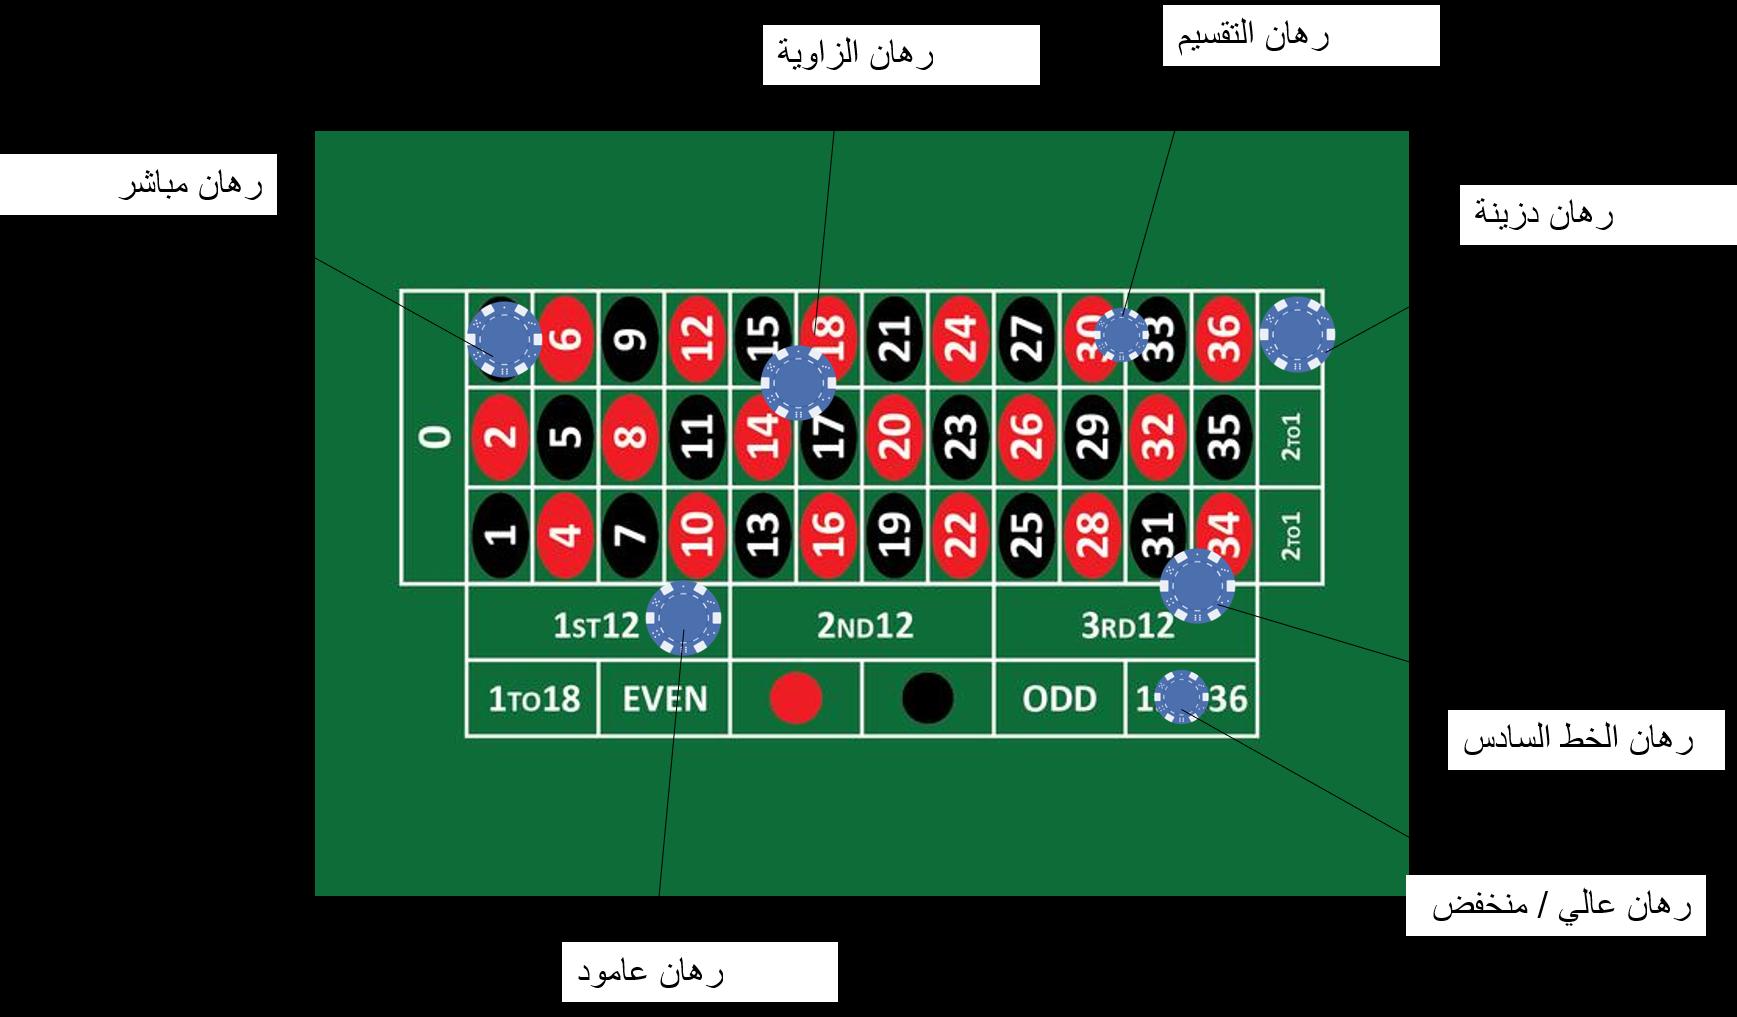 احتمالات الفوز - 72282